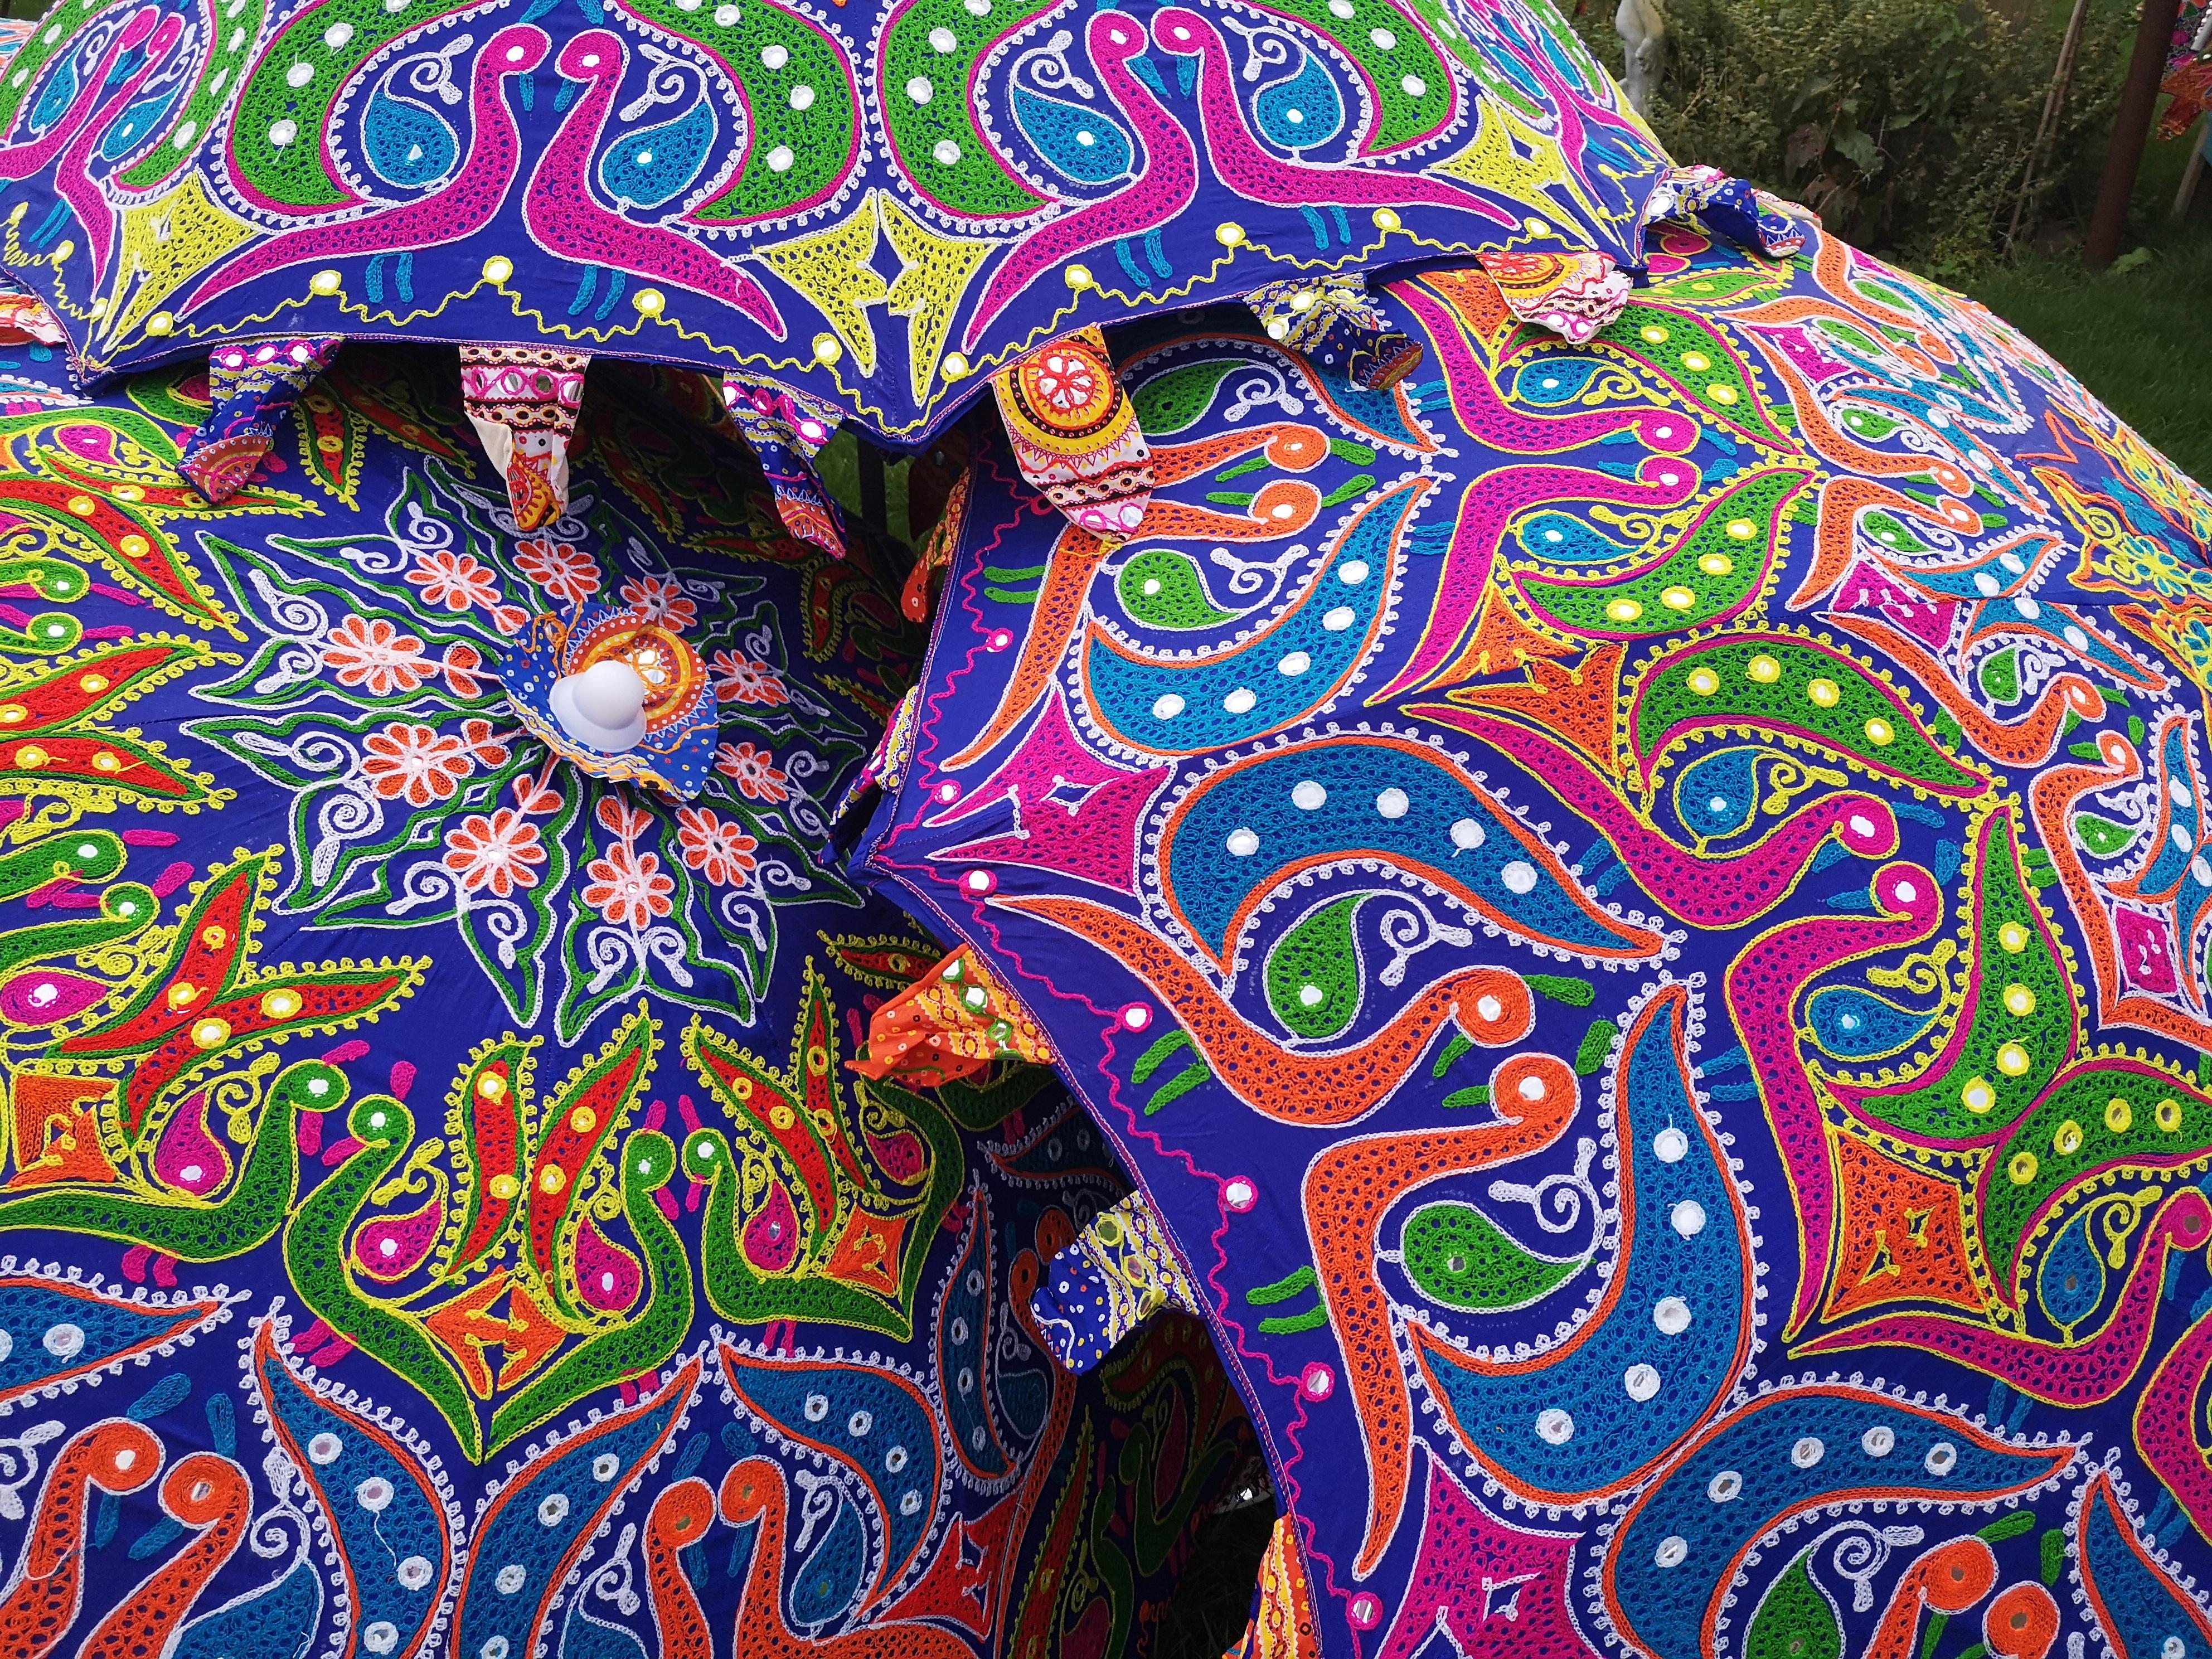 afbeelding van een parasol